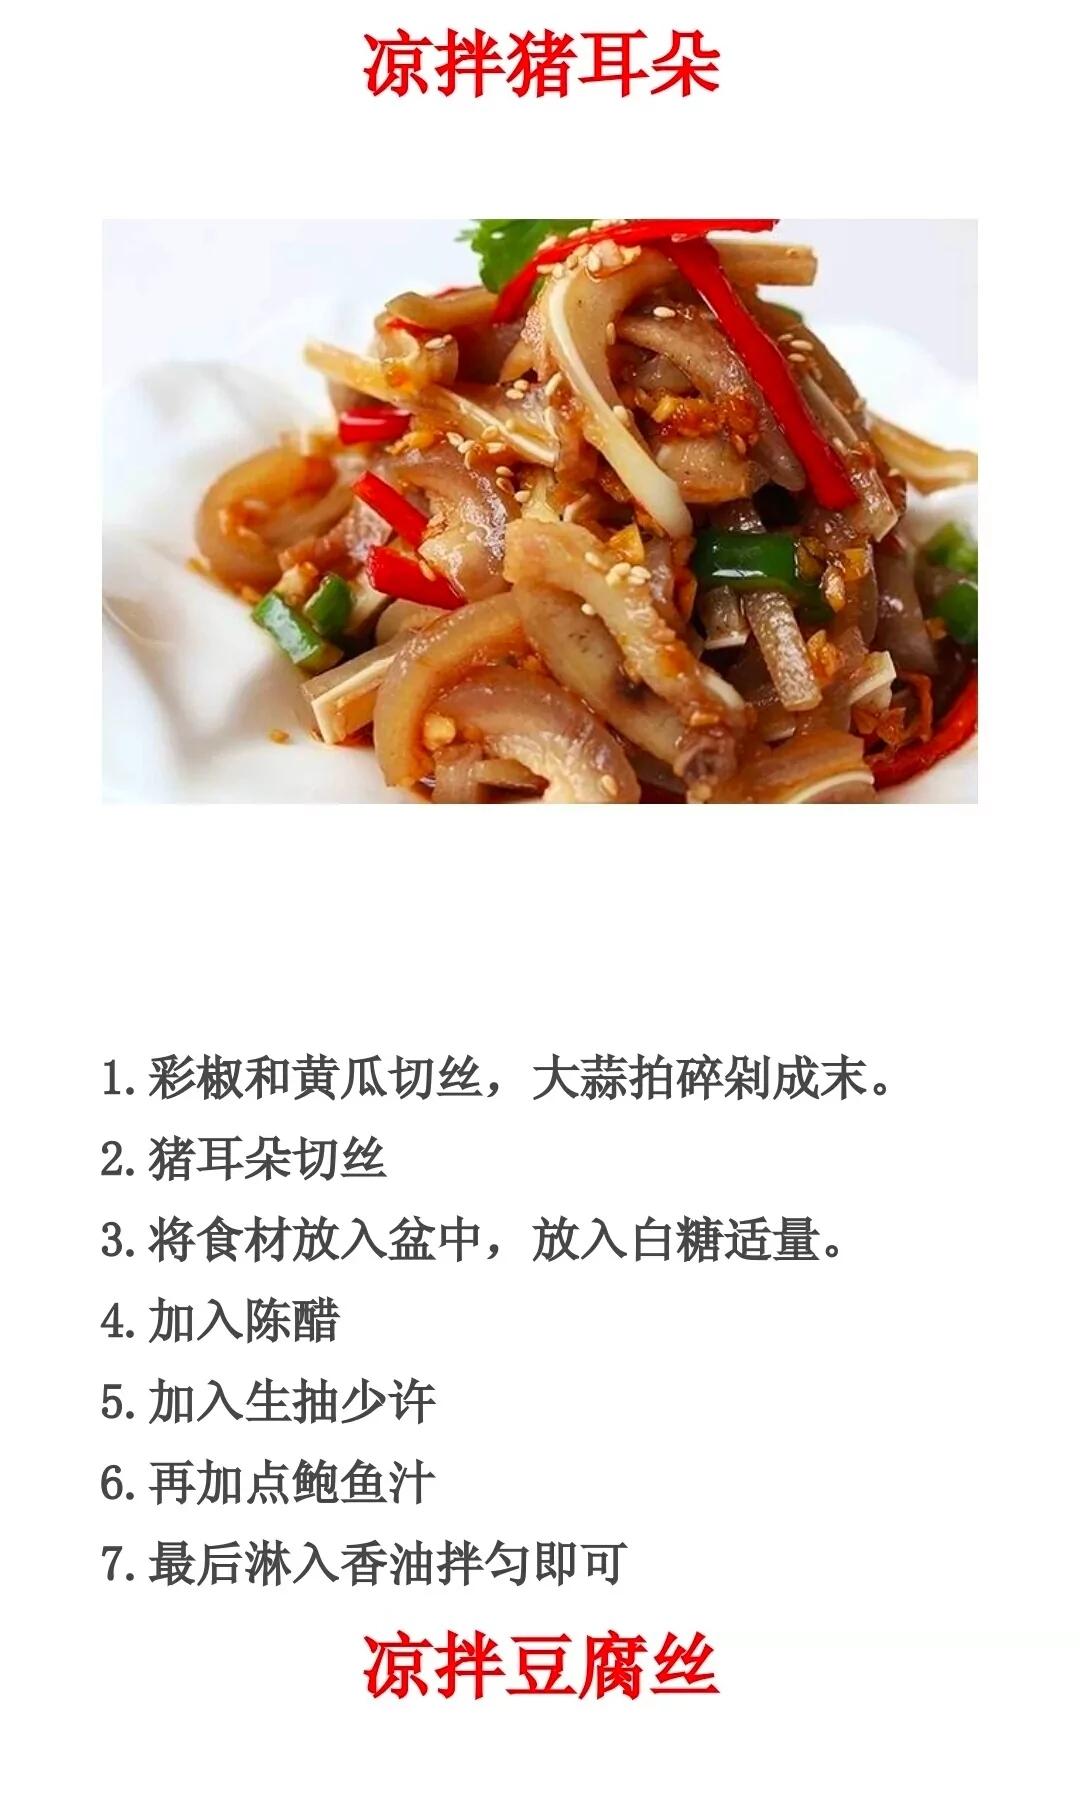 50种凉拌菜做法及配料(二)夏季常吃的凉菜菜谱家常做法 美食做法 第6张